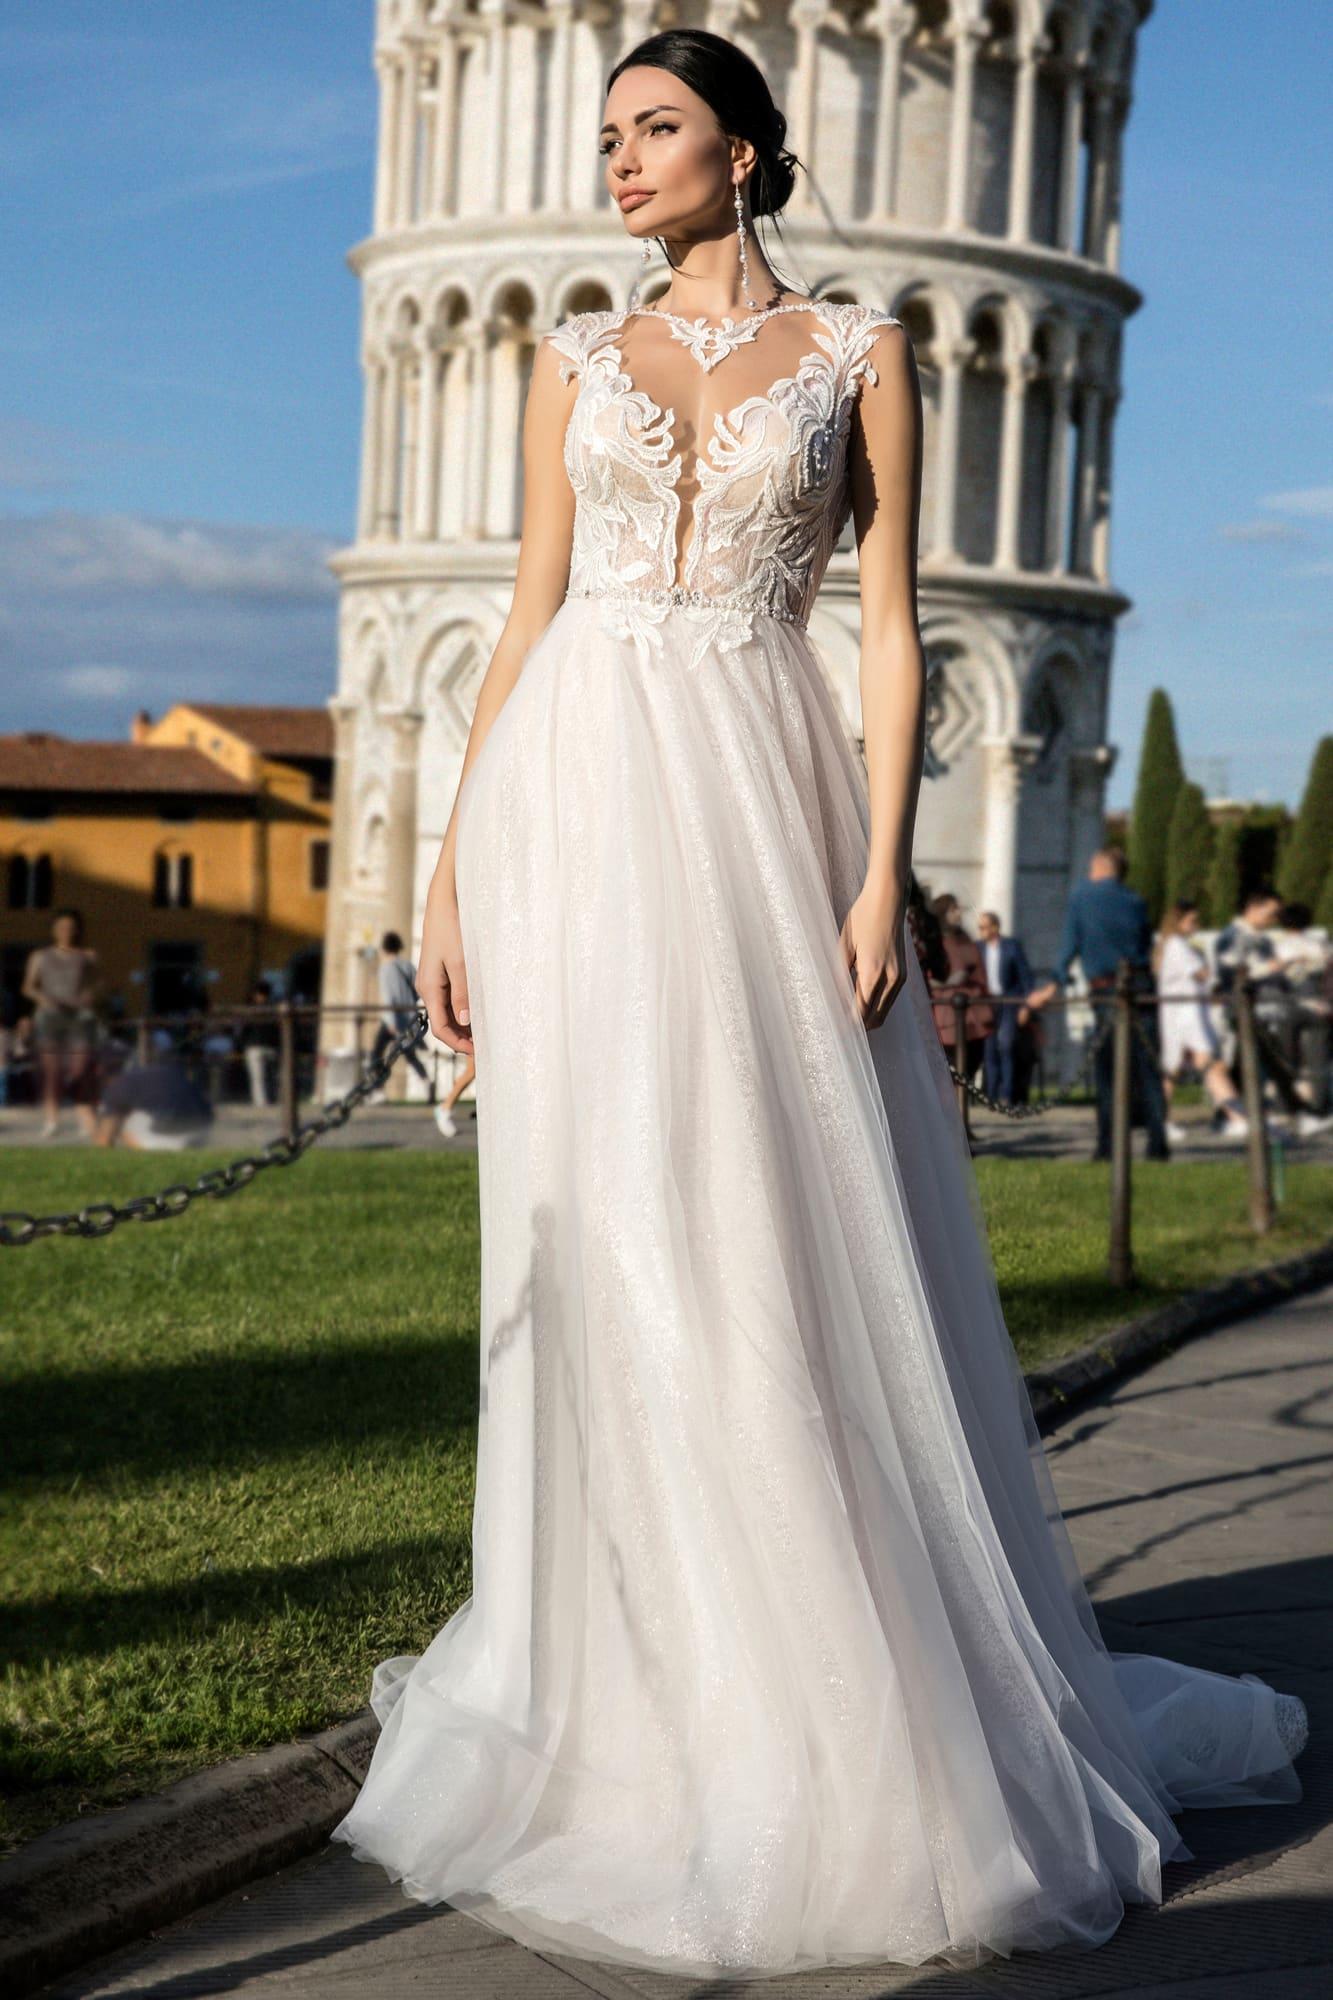 Прямое свадебное платье с глубоким фигурным вырезом, украшенным кружевом.